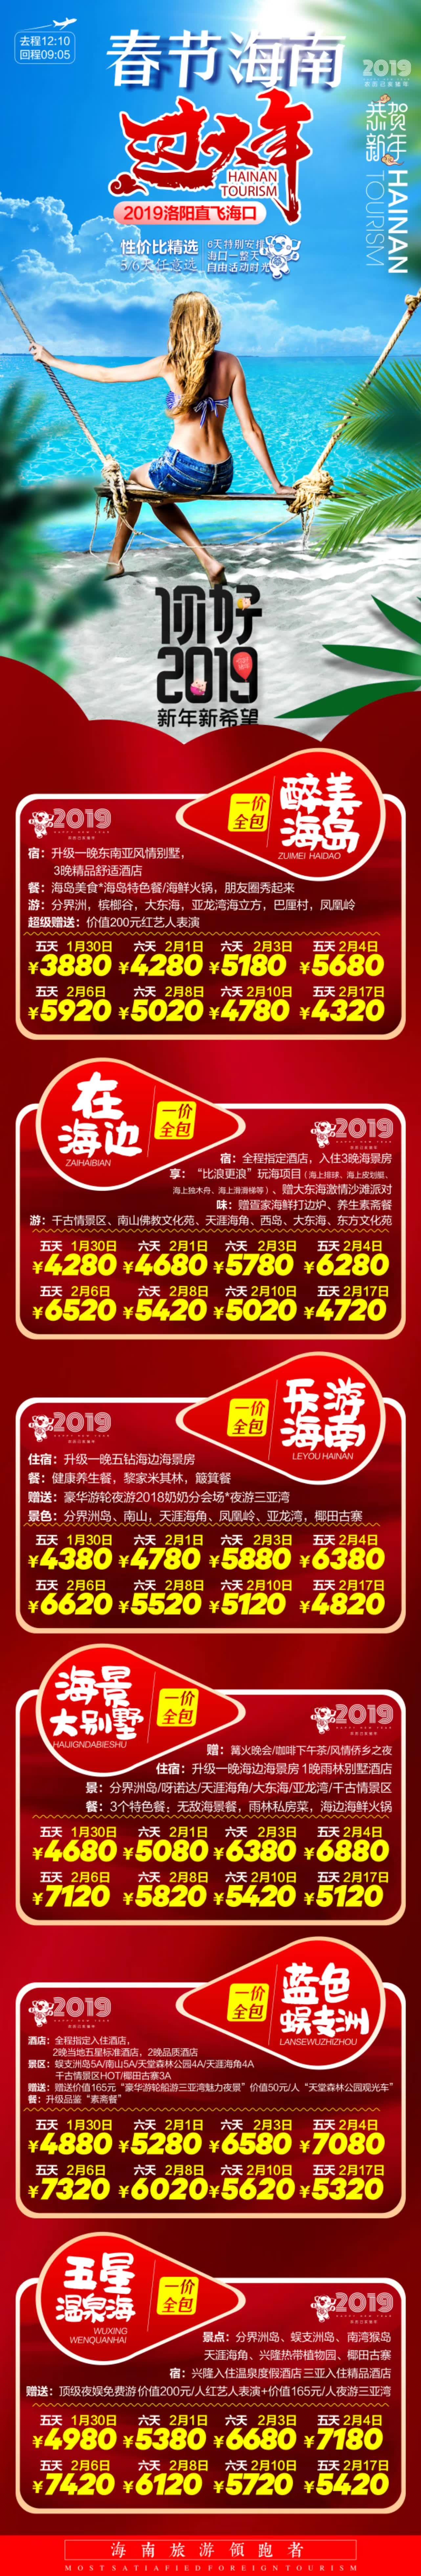 <2019三亚>春节计划